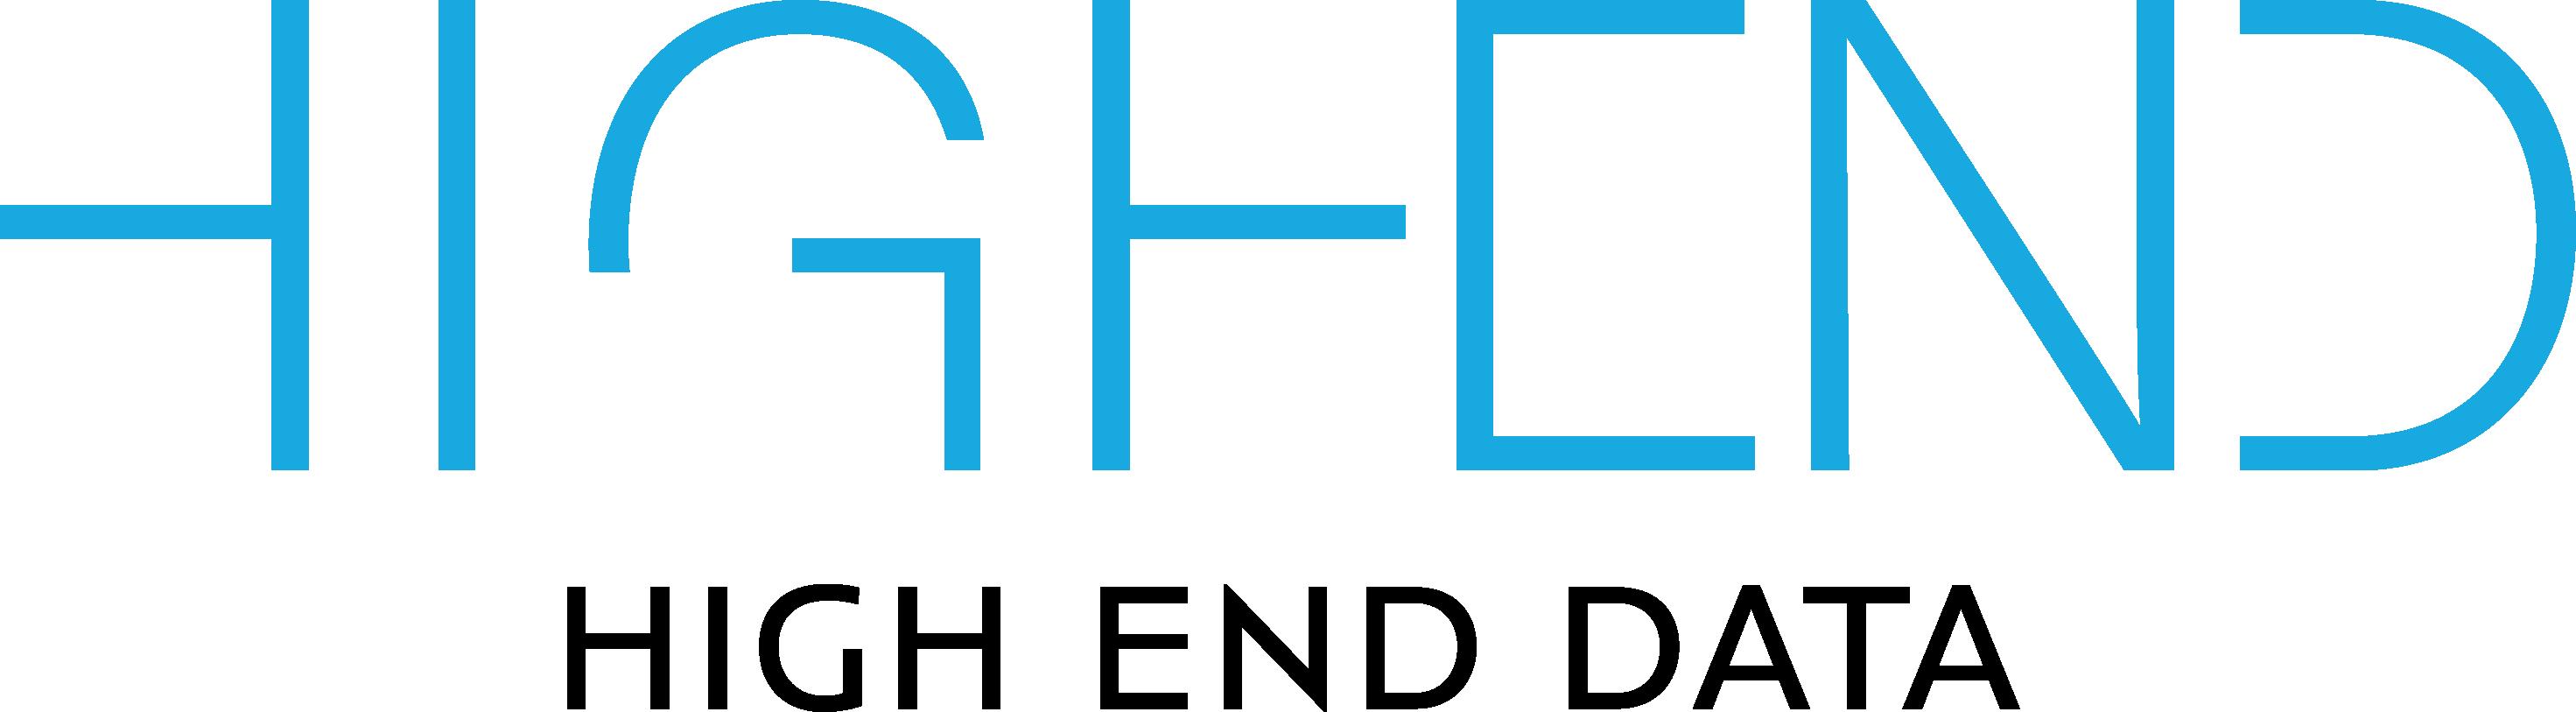 logo High End Data blå sort